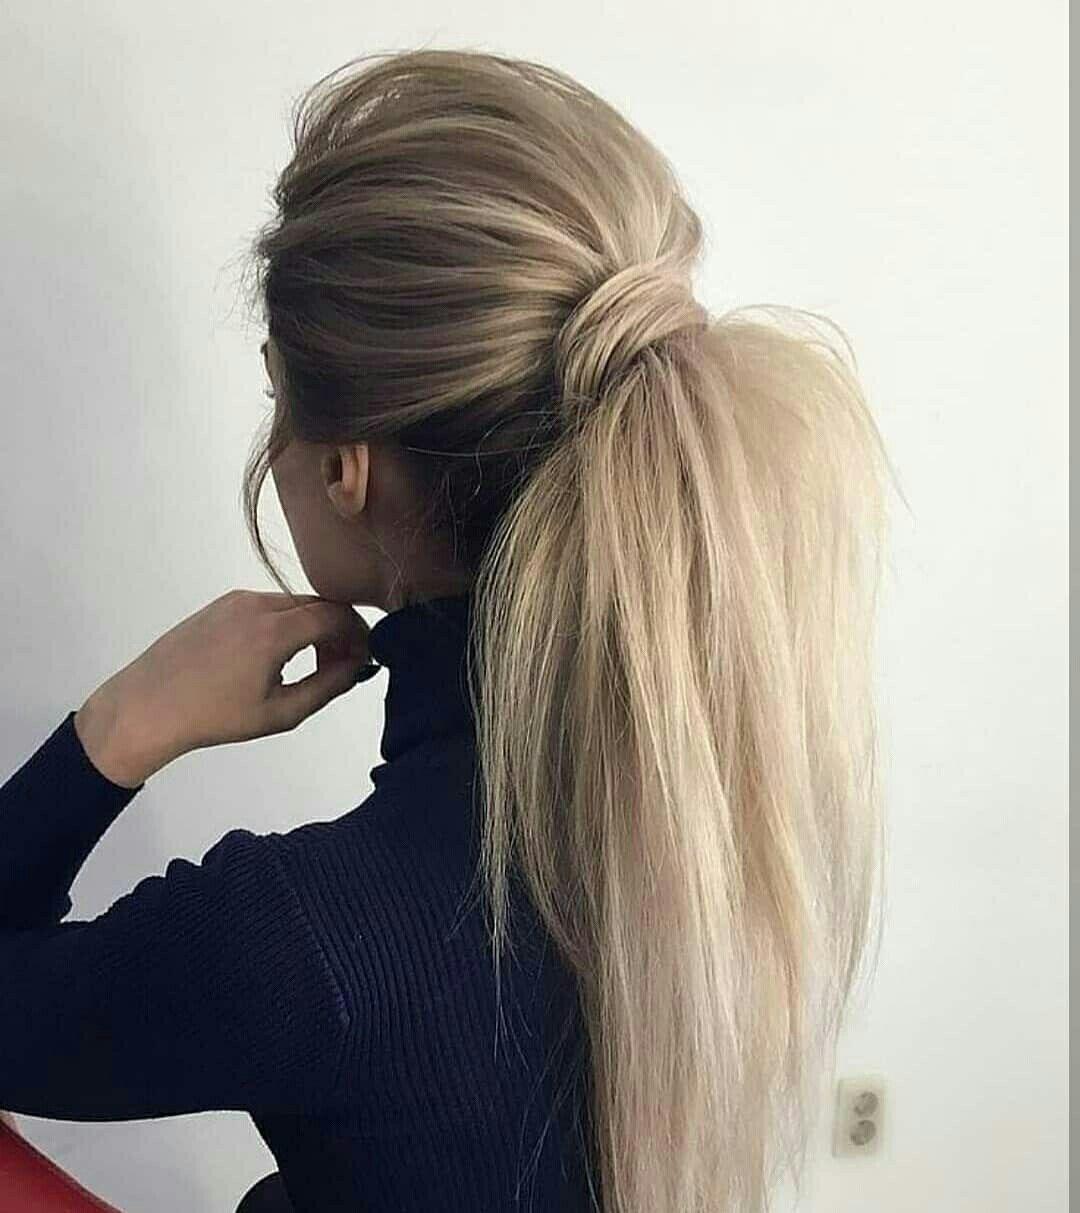 Rabo de cavalo volumoso  @milano_streetstyle  #cabelo #hairstyle #penteados #hair #ponytail #rabodecavalo #ponytailhairstyles